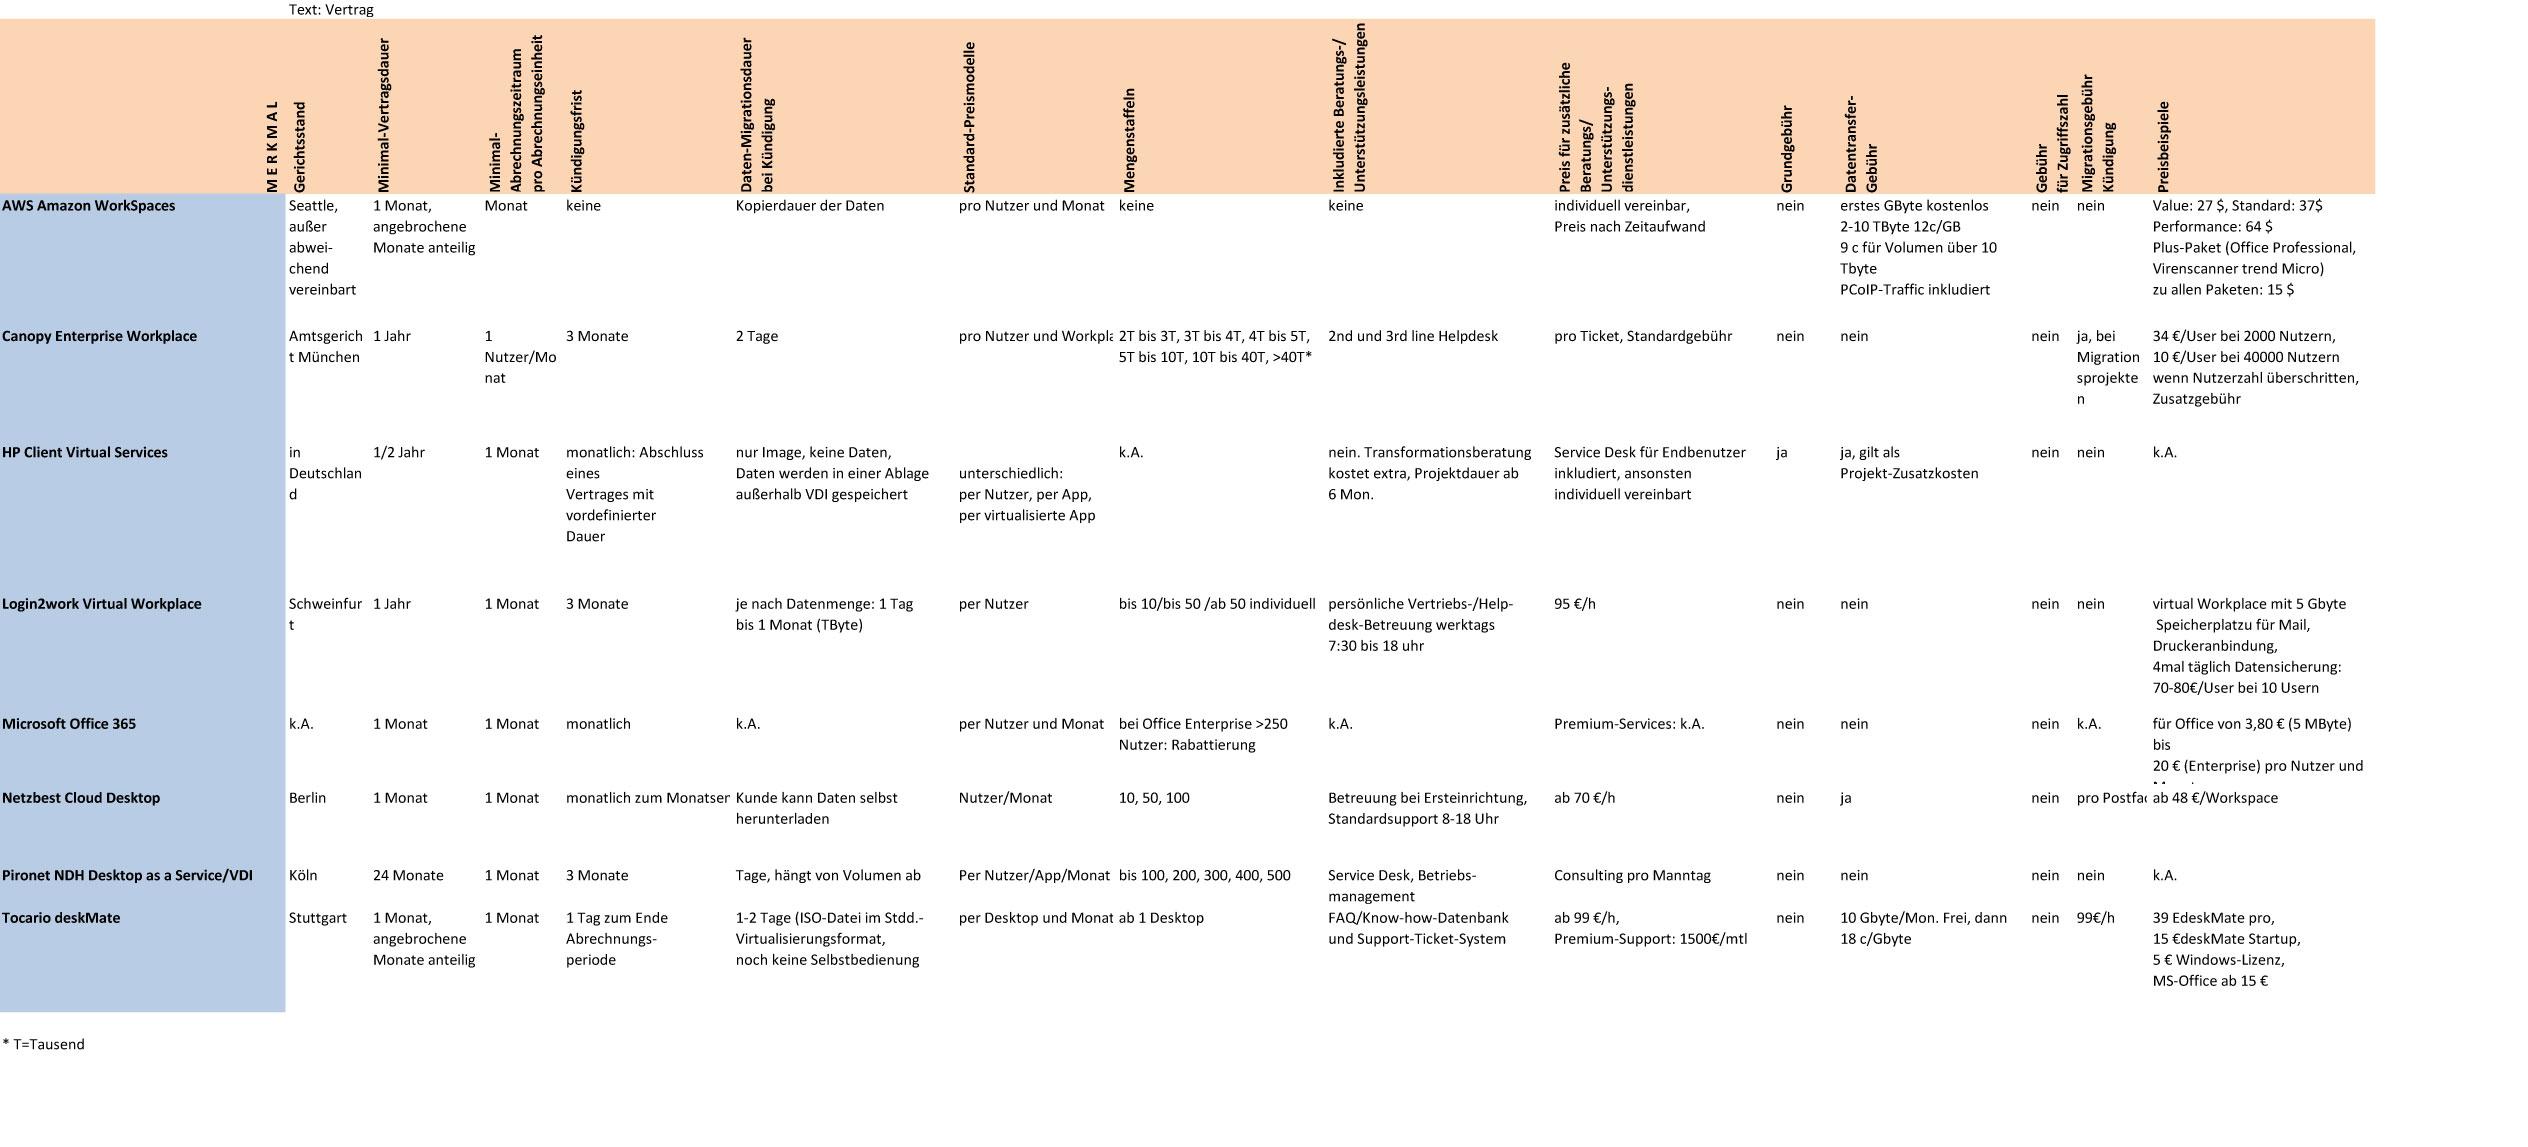 WaaS/DaaS Übersicht über Vertrags-Eckpunkte verschiedener Anbieter. (Grafik: silicon.de/A. Rüdiger)